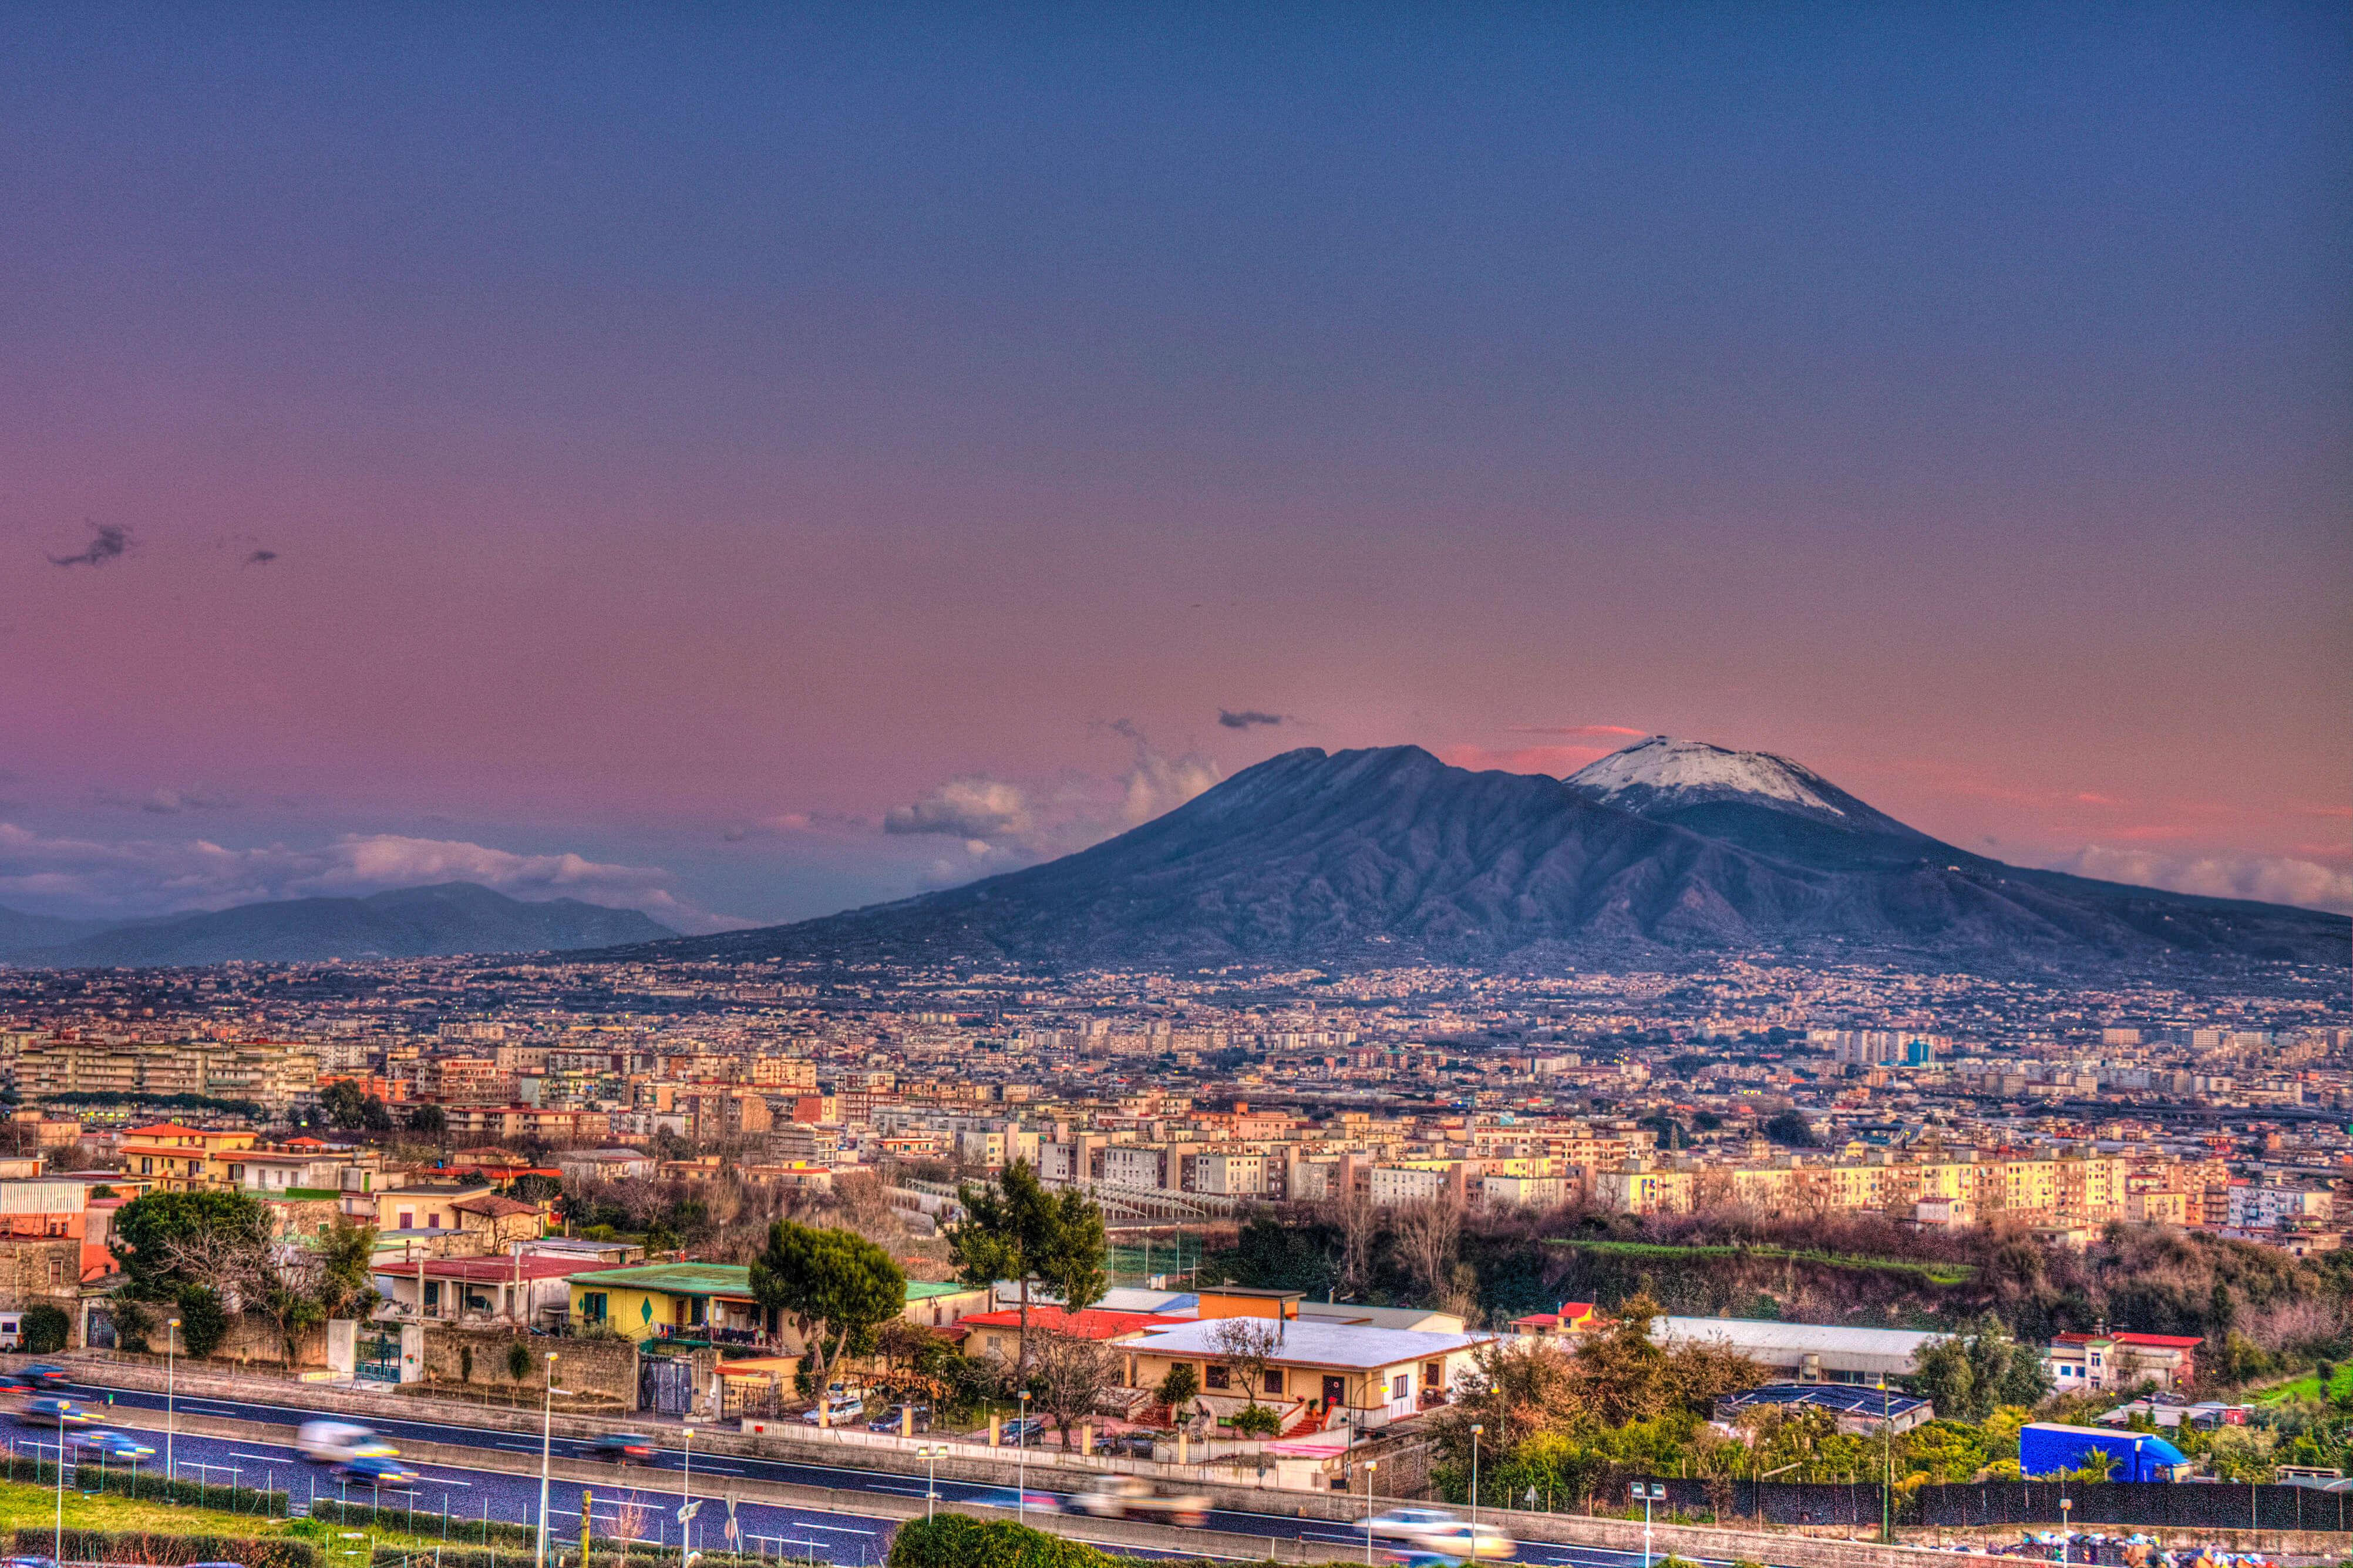 vulcões para conhecer - Vesúvio, Itália